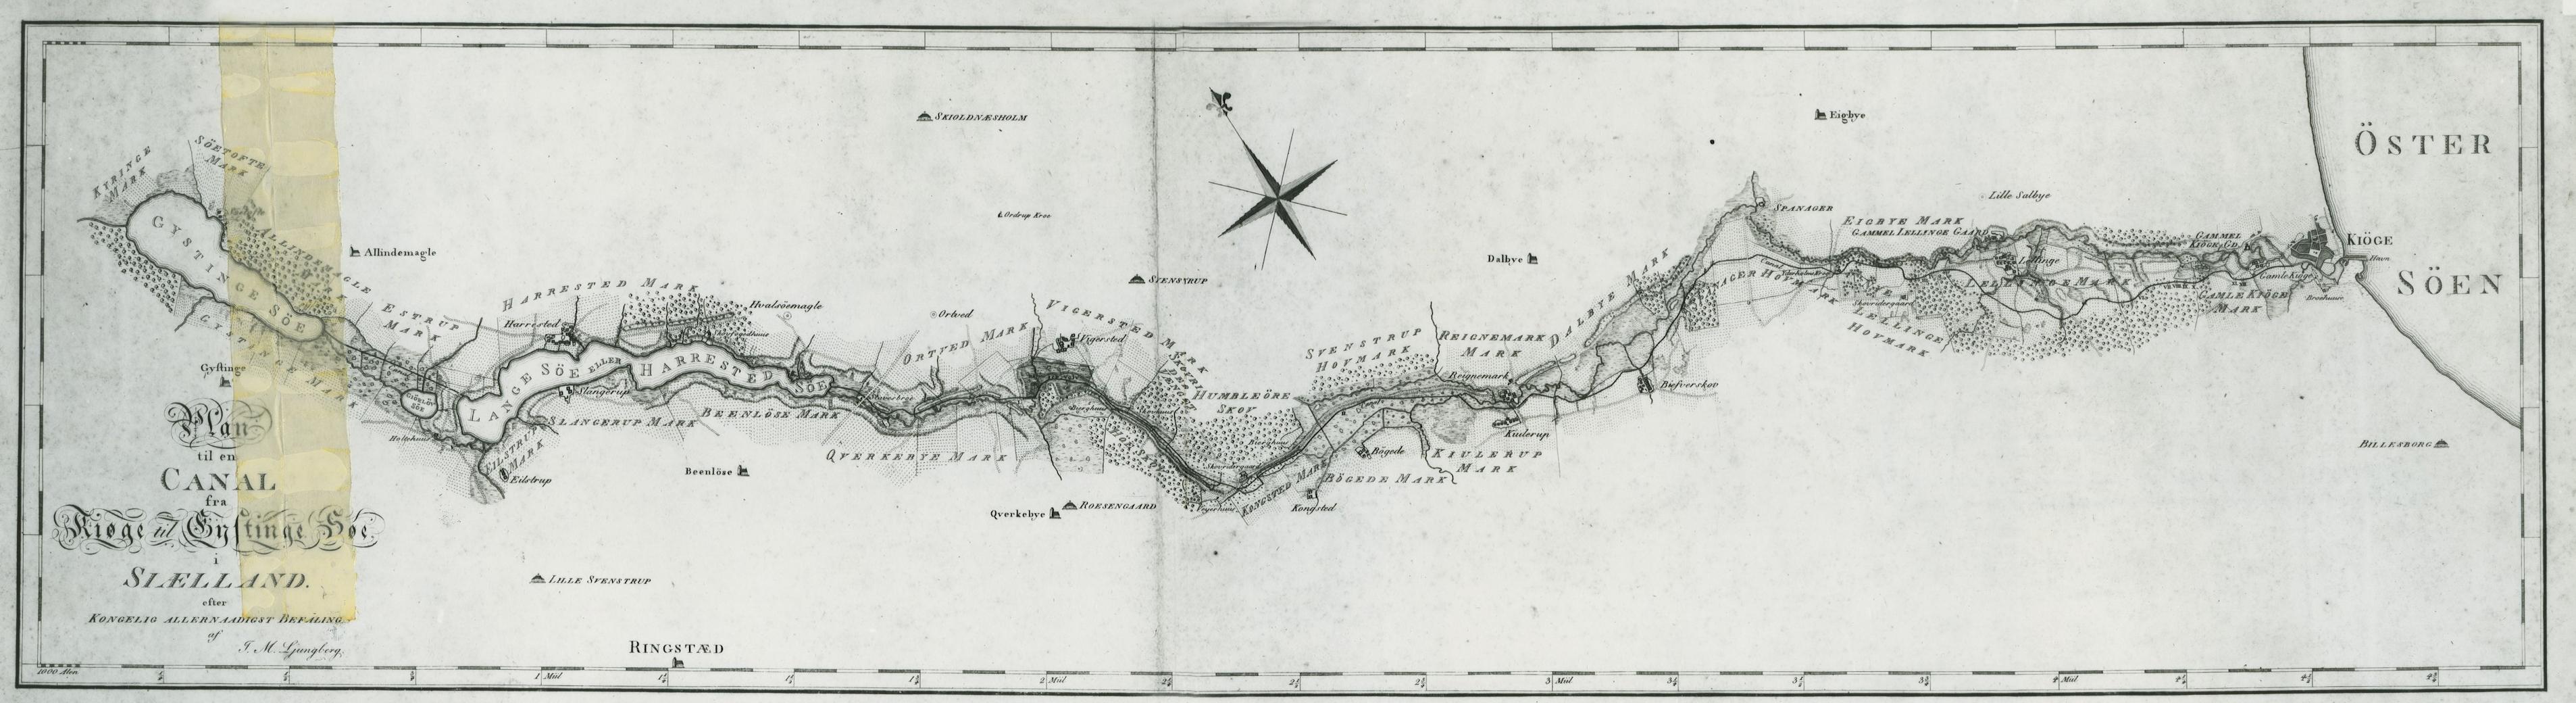 kanal-koege-ringsted-ca-1800-samlet